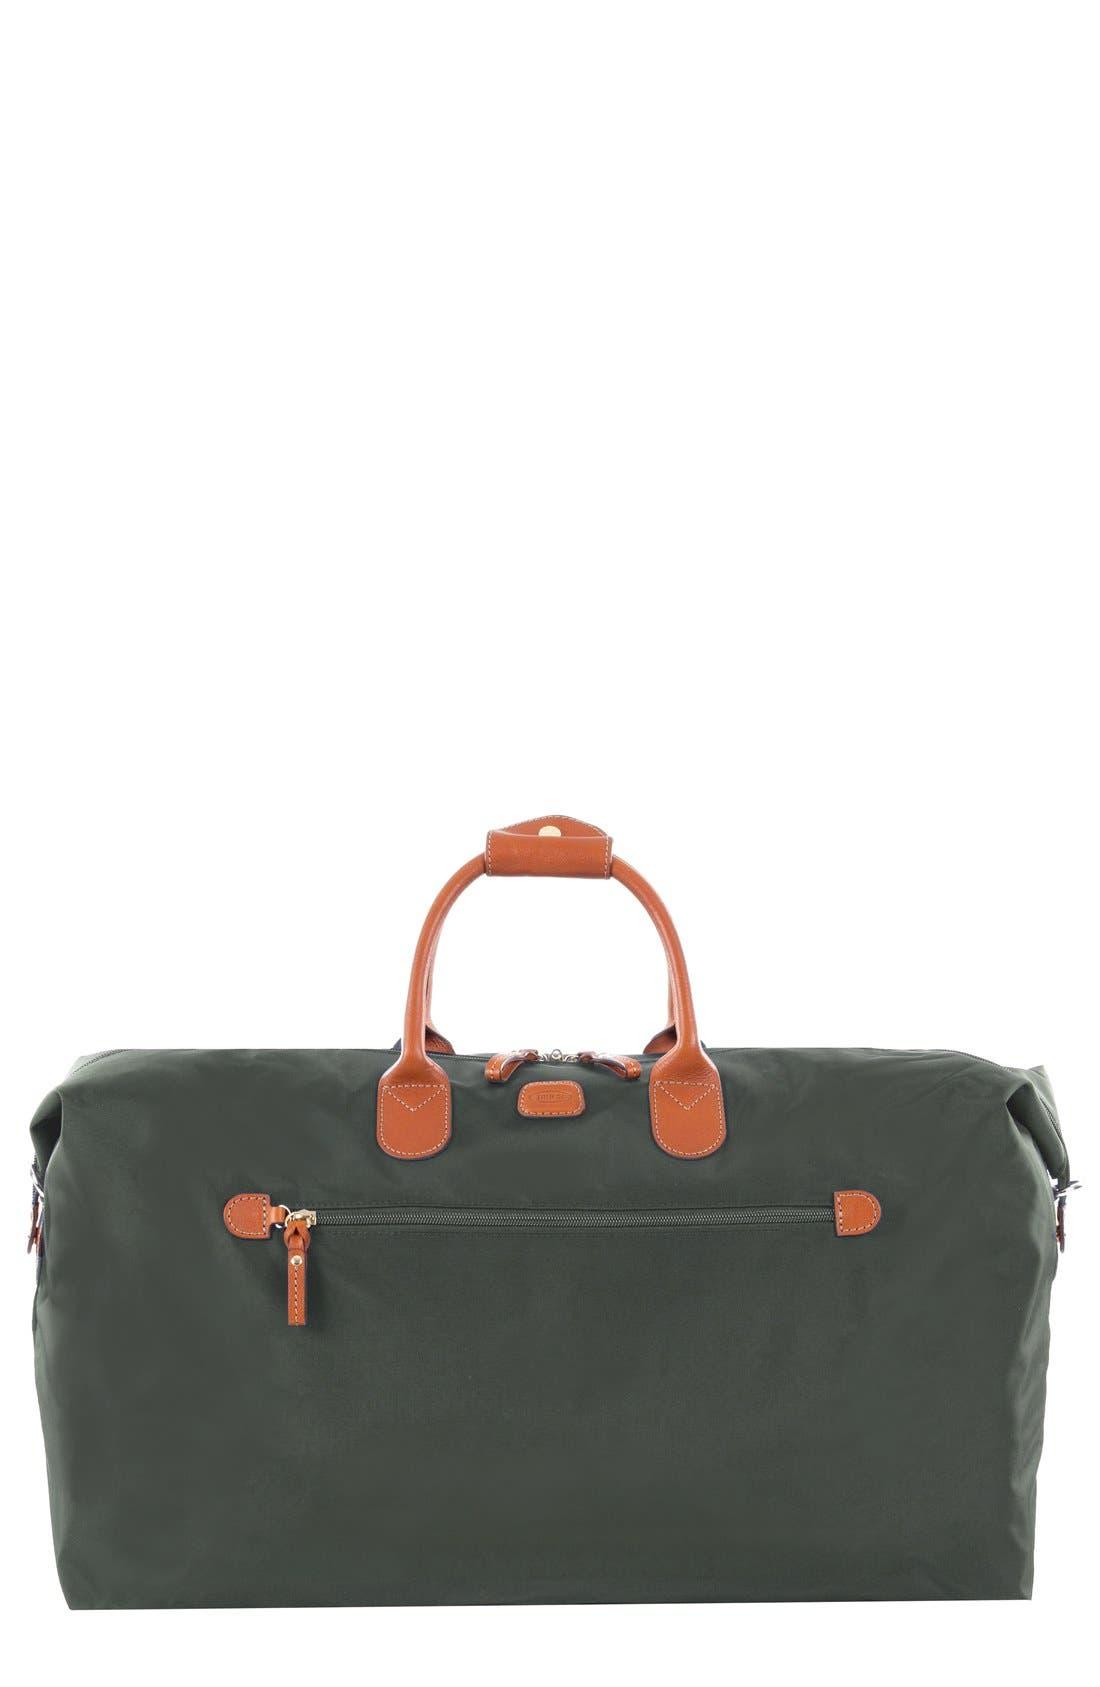 'X-Bag Deluxe' Duffel Bag,                         Main,                         color,